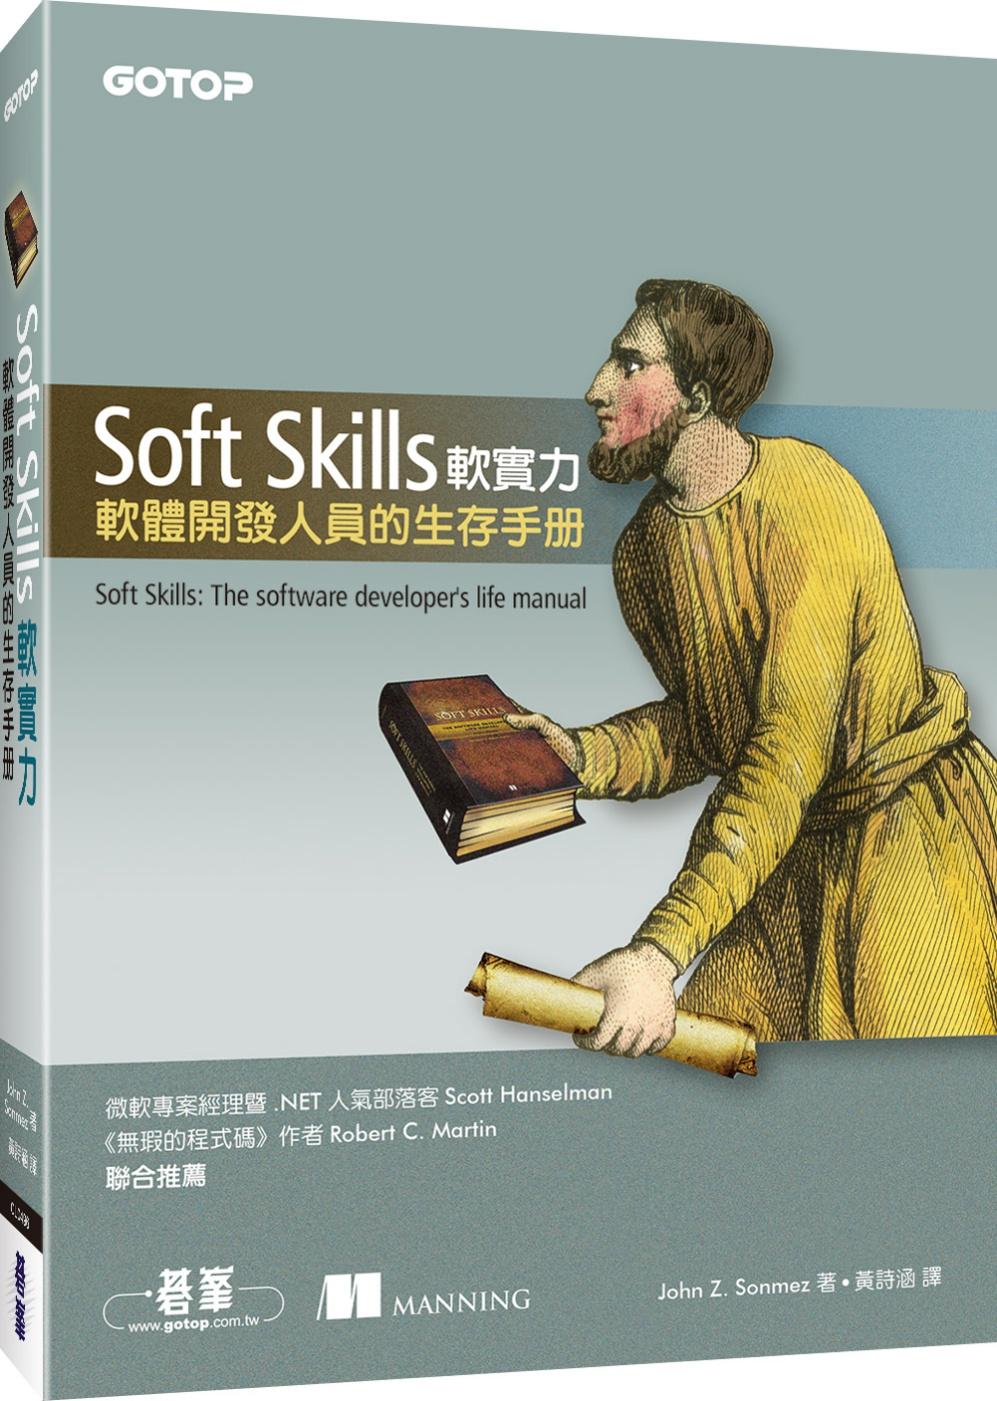 ◤博客來BOOKS◢ 暢銷書榜《推薦》Soft Skills 軟實力:軟體開發人員的生存手冊